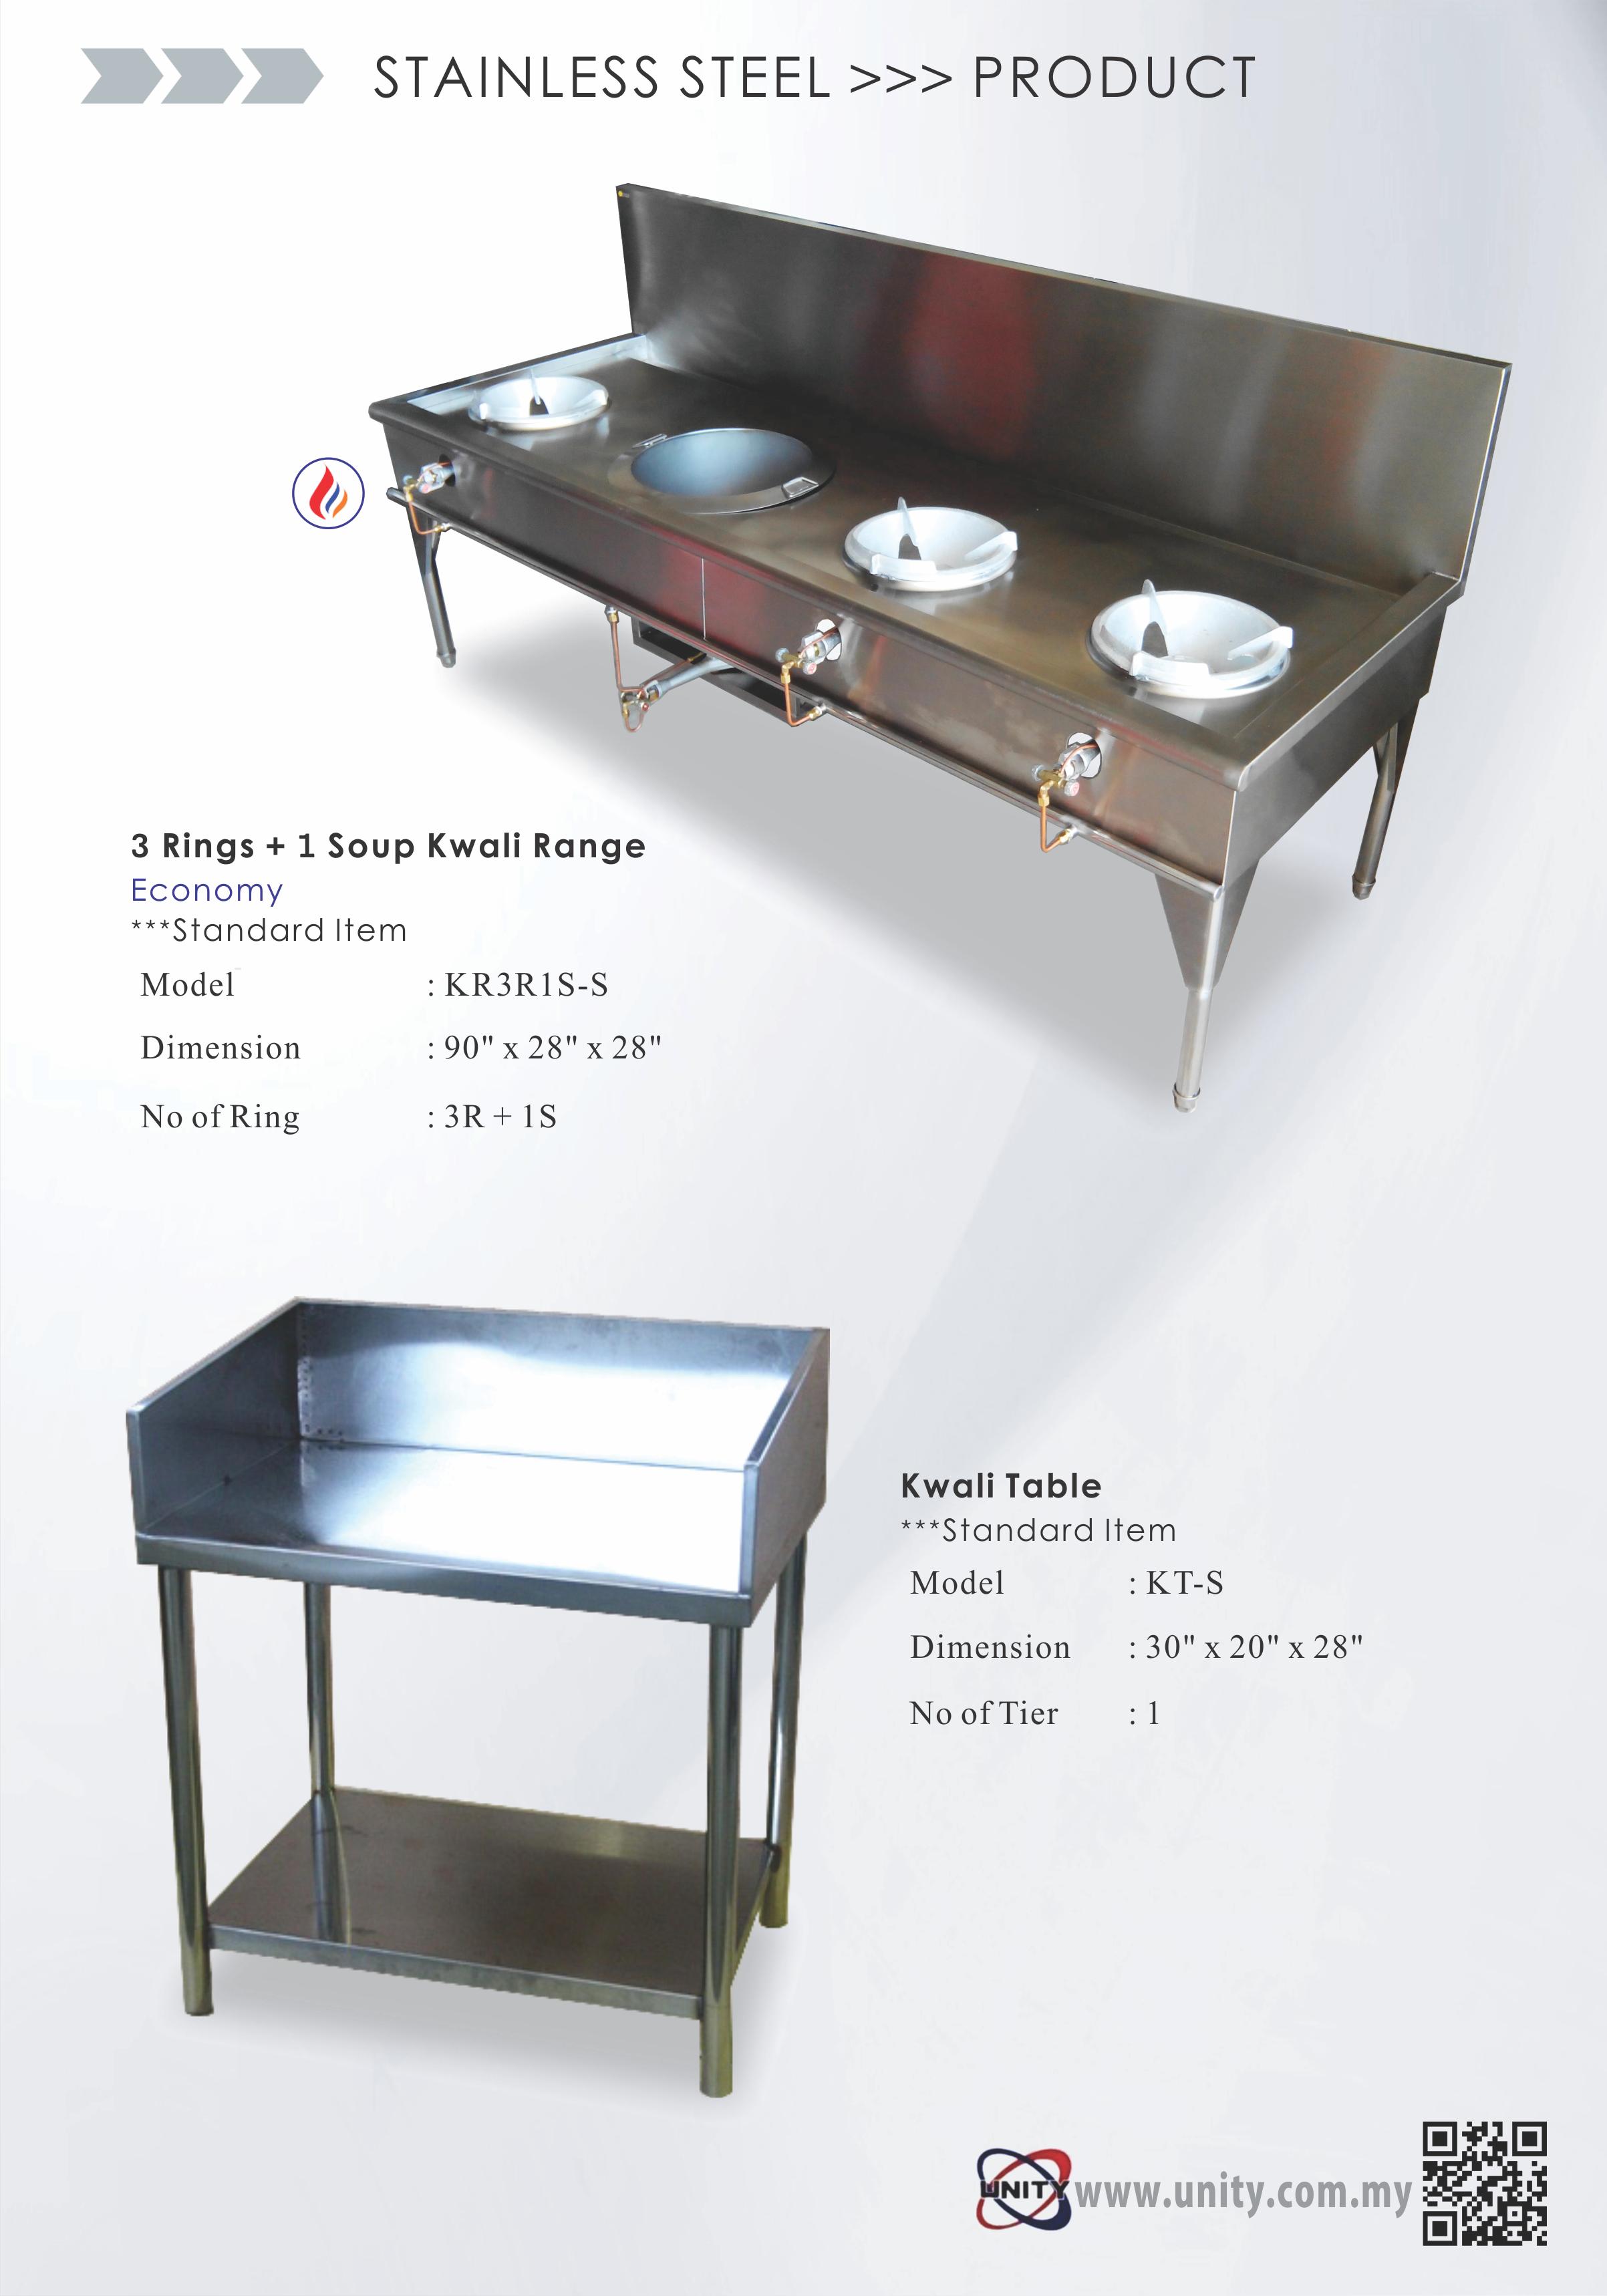 3 Burner 1 Soup Kwali Range & Kwali Table